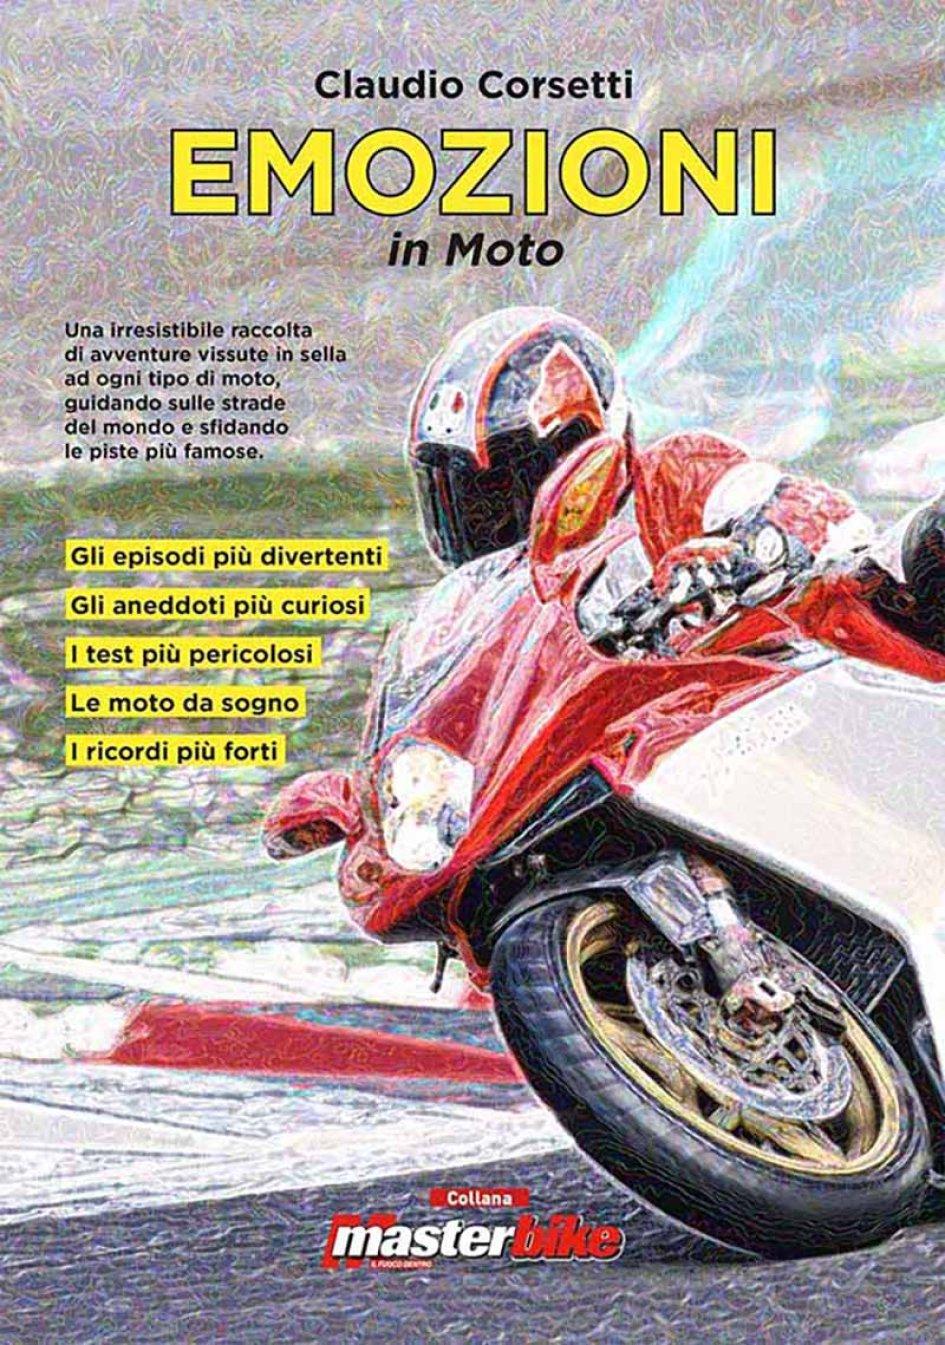 """News Prodotto: """"Emozioni in Moto"""". Una  raccolta di avventure vissute in sella"""